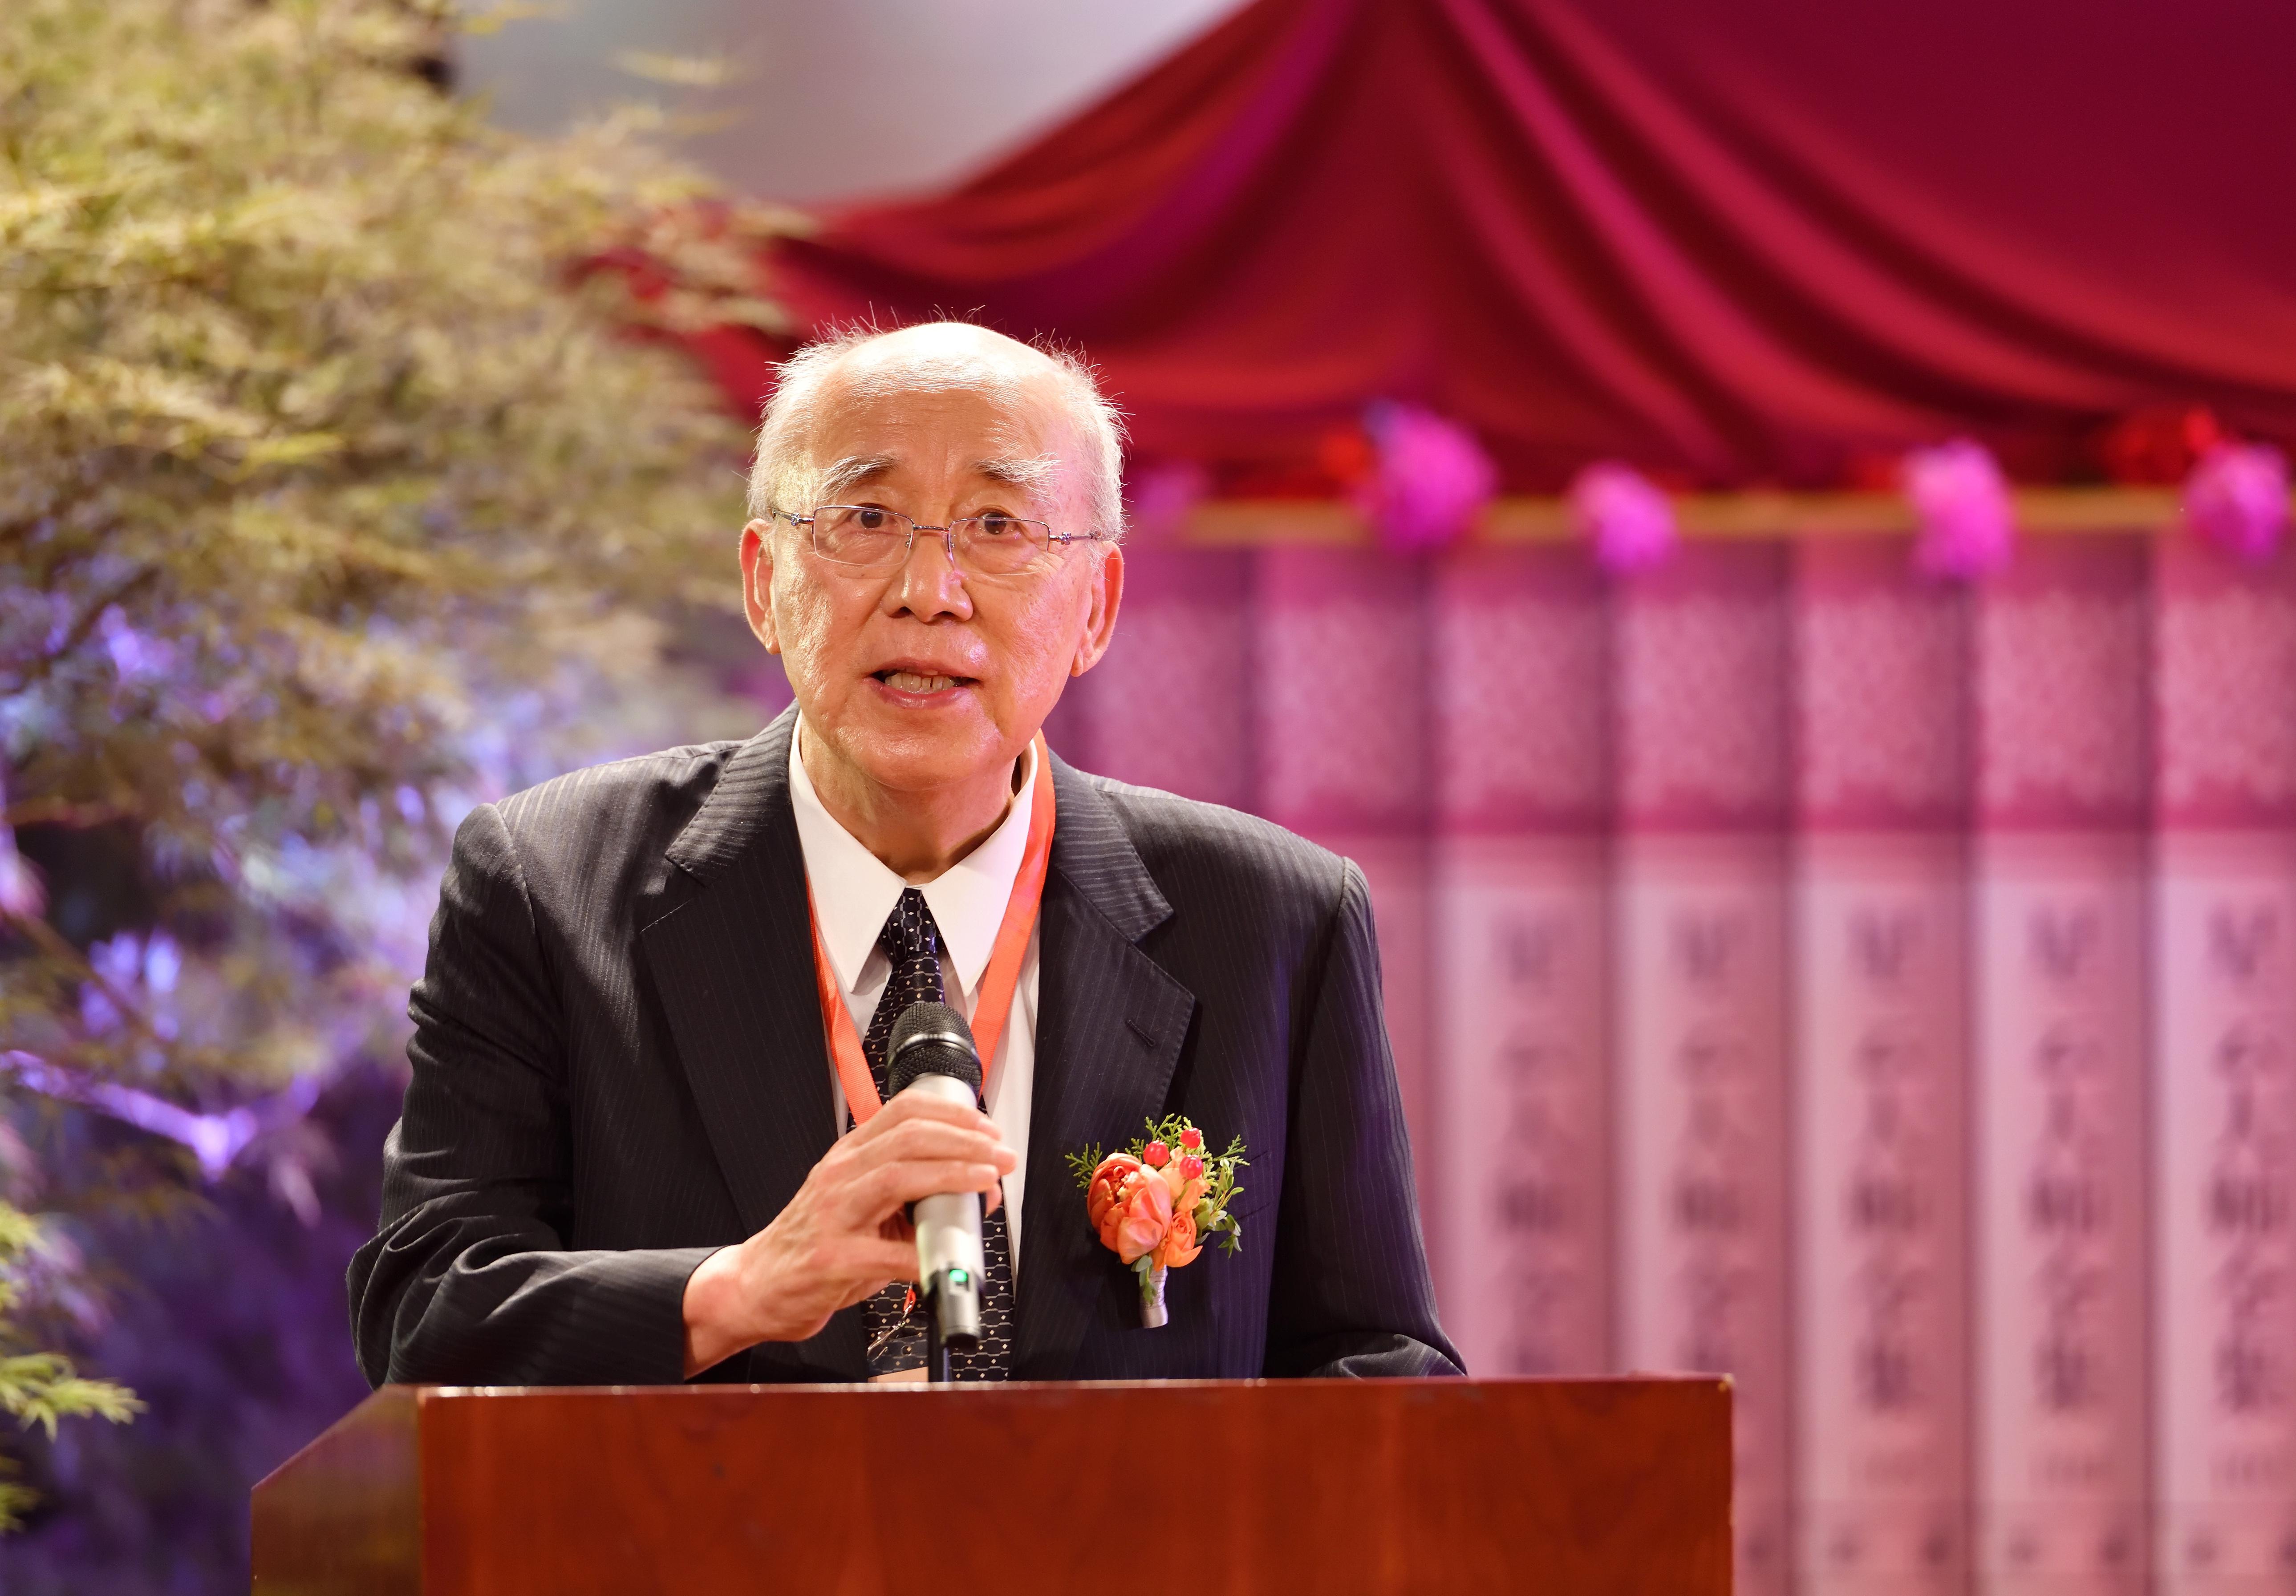 中國國民黨榮譽主席、國際佛光會世界總會榮譽總會長吳伯雄,在新書發布儀式上致辭。(中美寺提供)